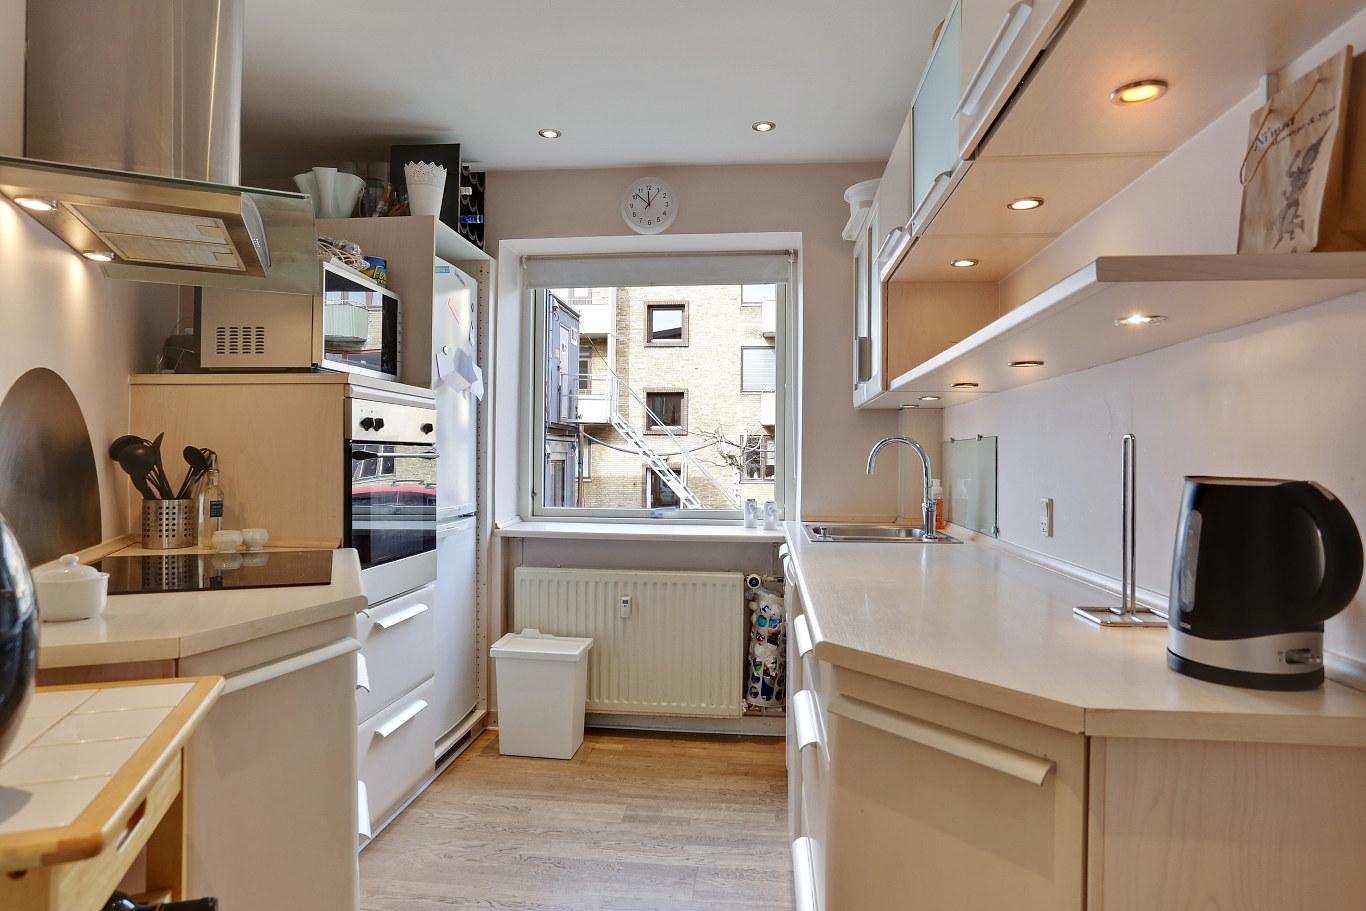 La realidad de los pisos peque os en los pa ses n rdicos for Muebles piso pequeno